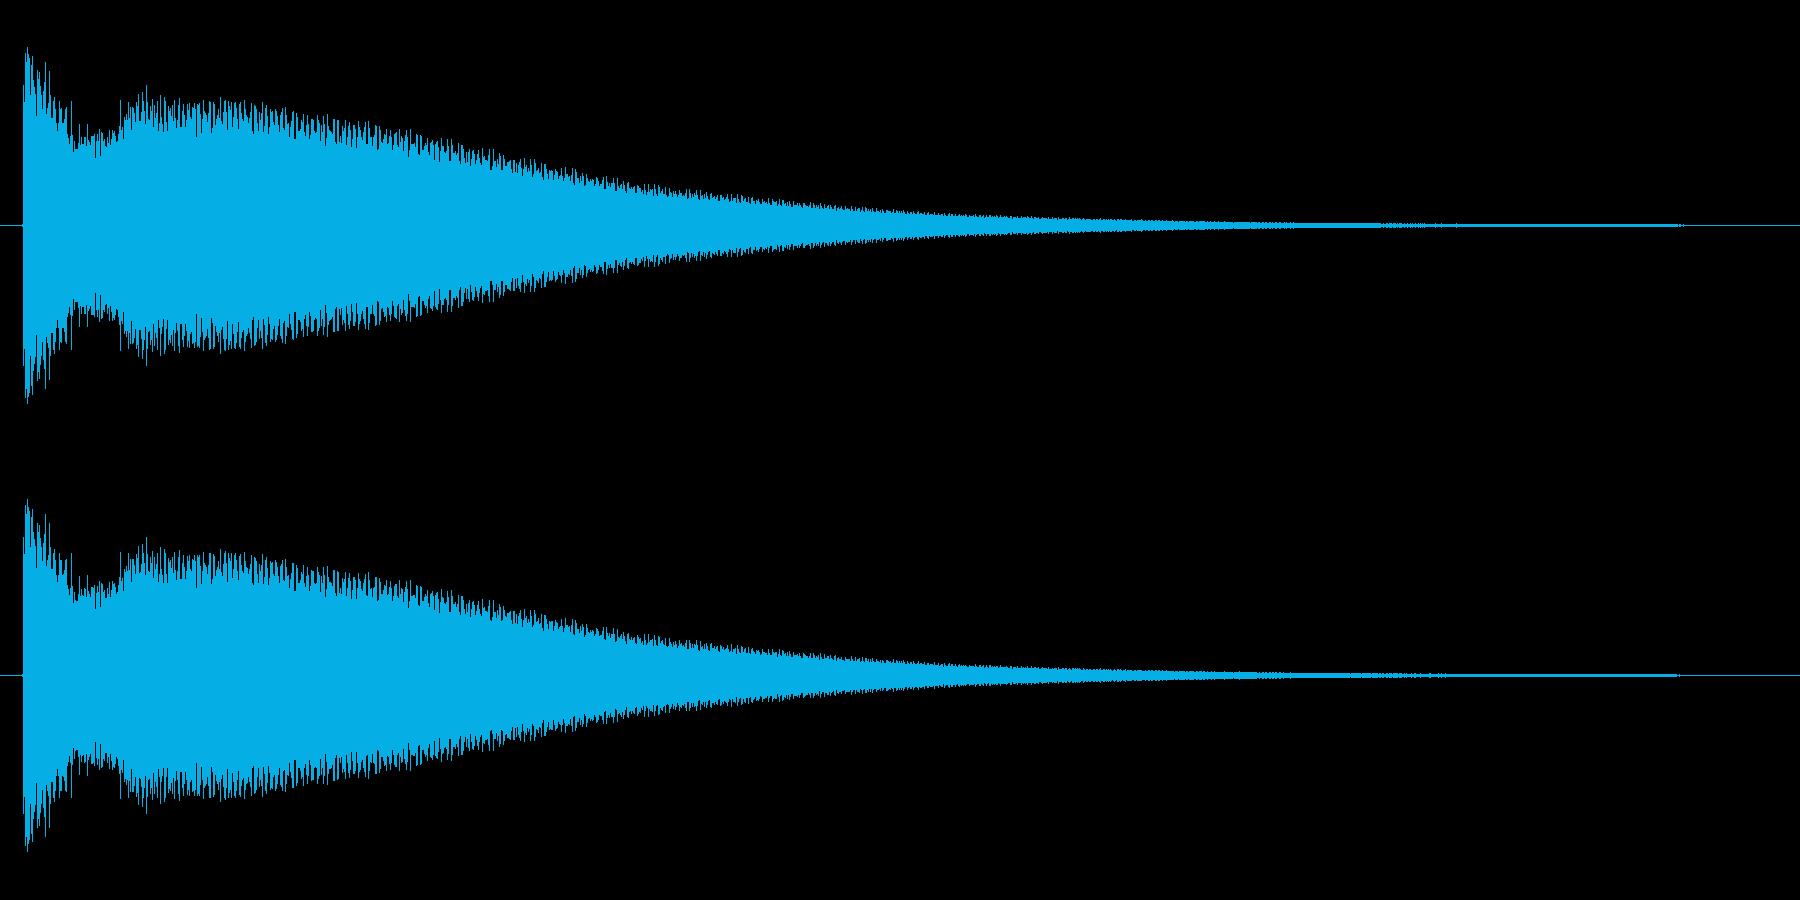 チーン(お葬式の鈴、呼び鈴の効果音)の再生済みの波形